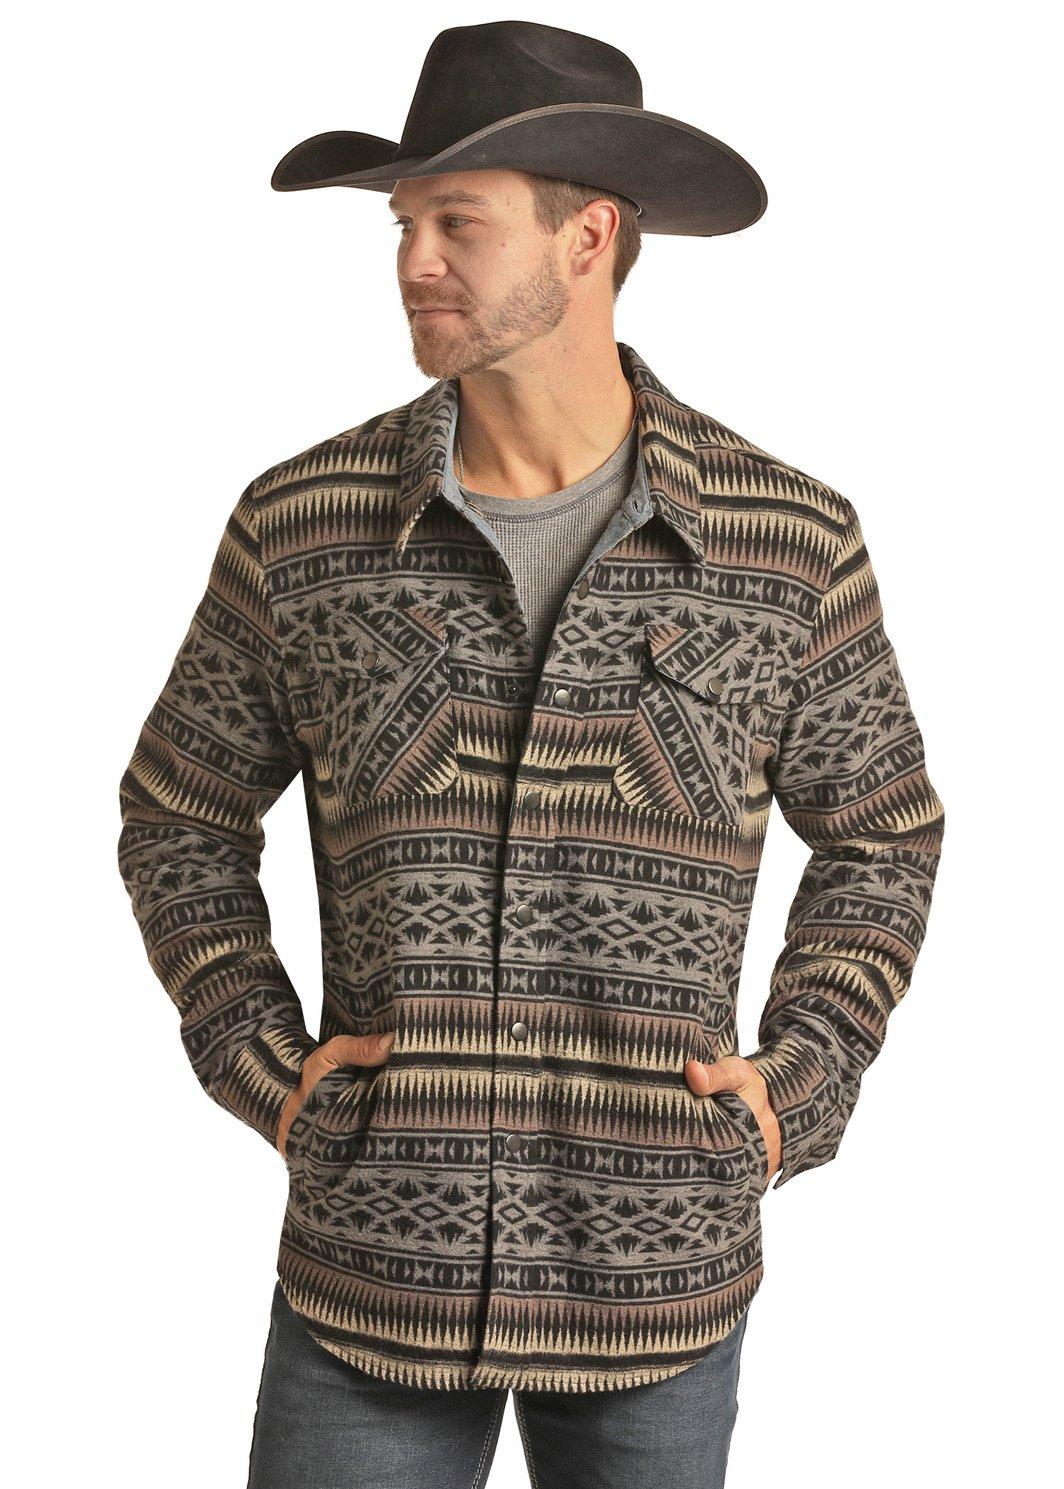 Jacquard Aztec Shirt Jacket from Panhandle